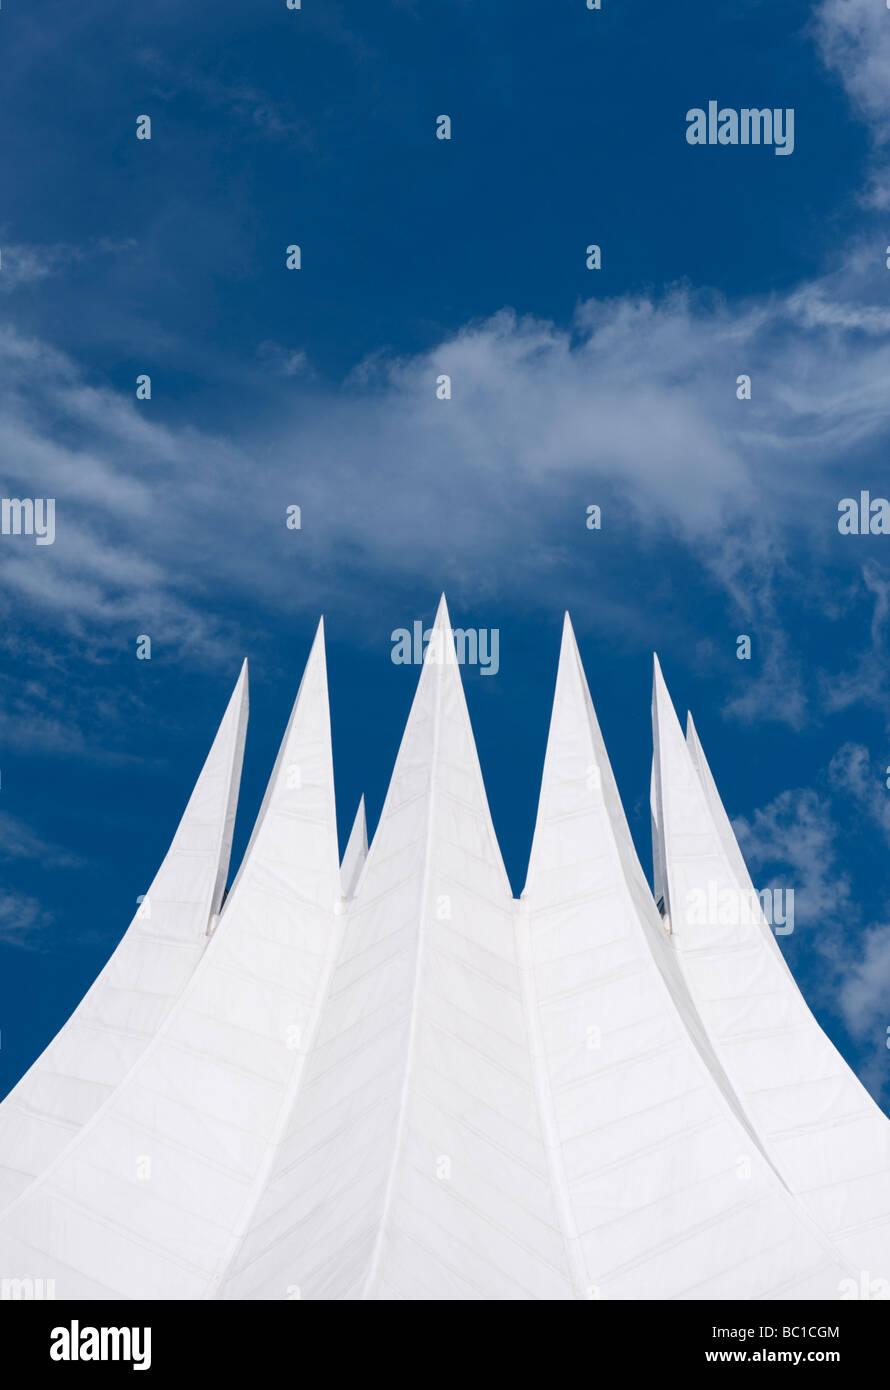 Dettaglio del drammatico tetto bianco del Tempodrom concert hall di Berlino Immagini Stock